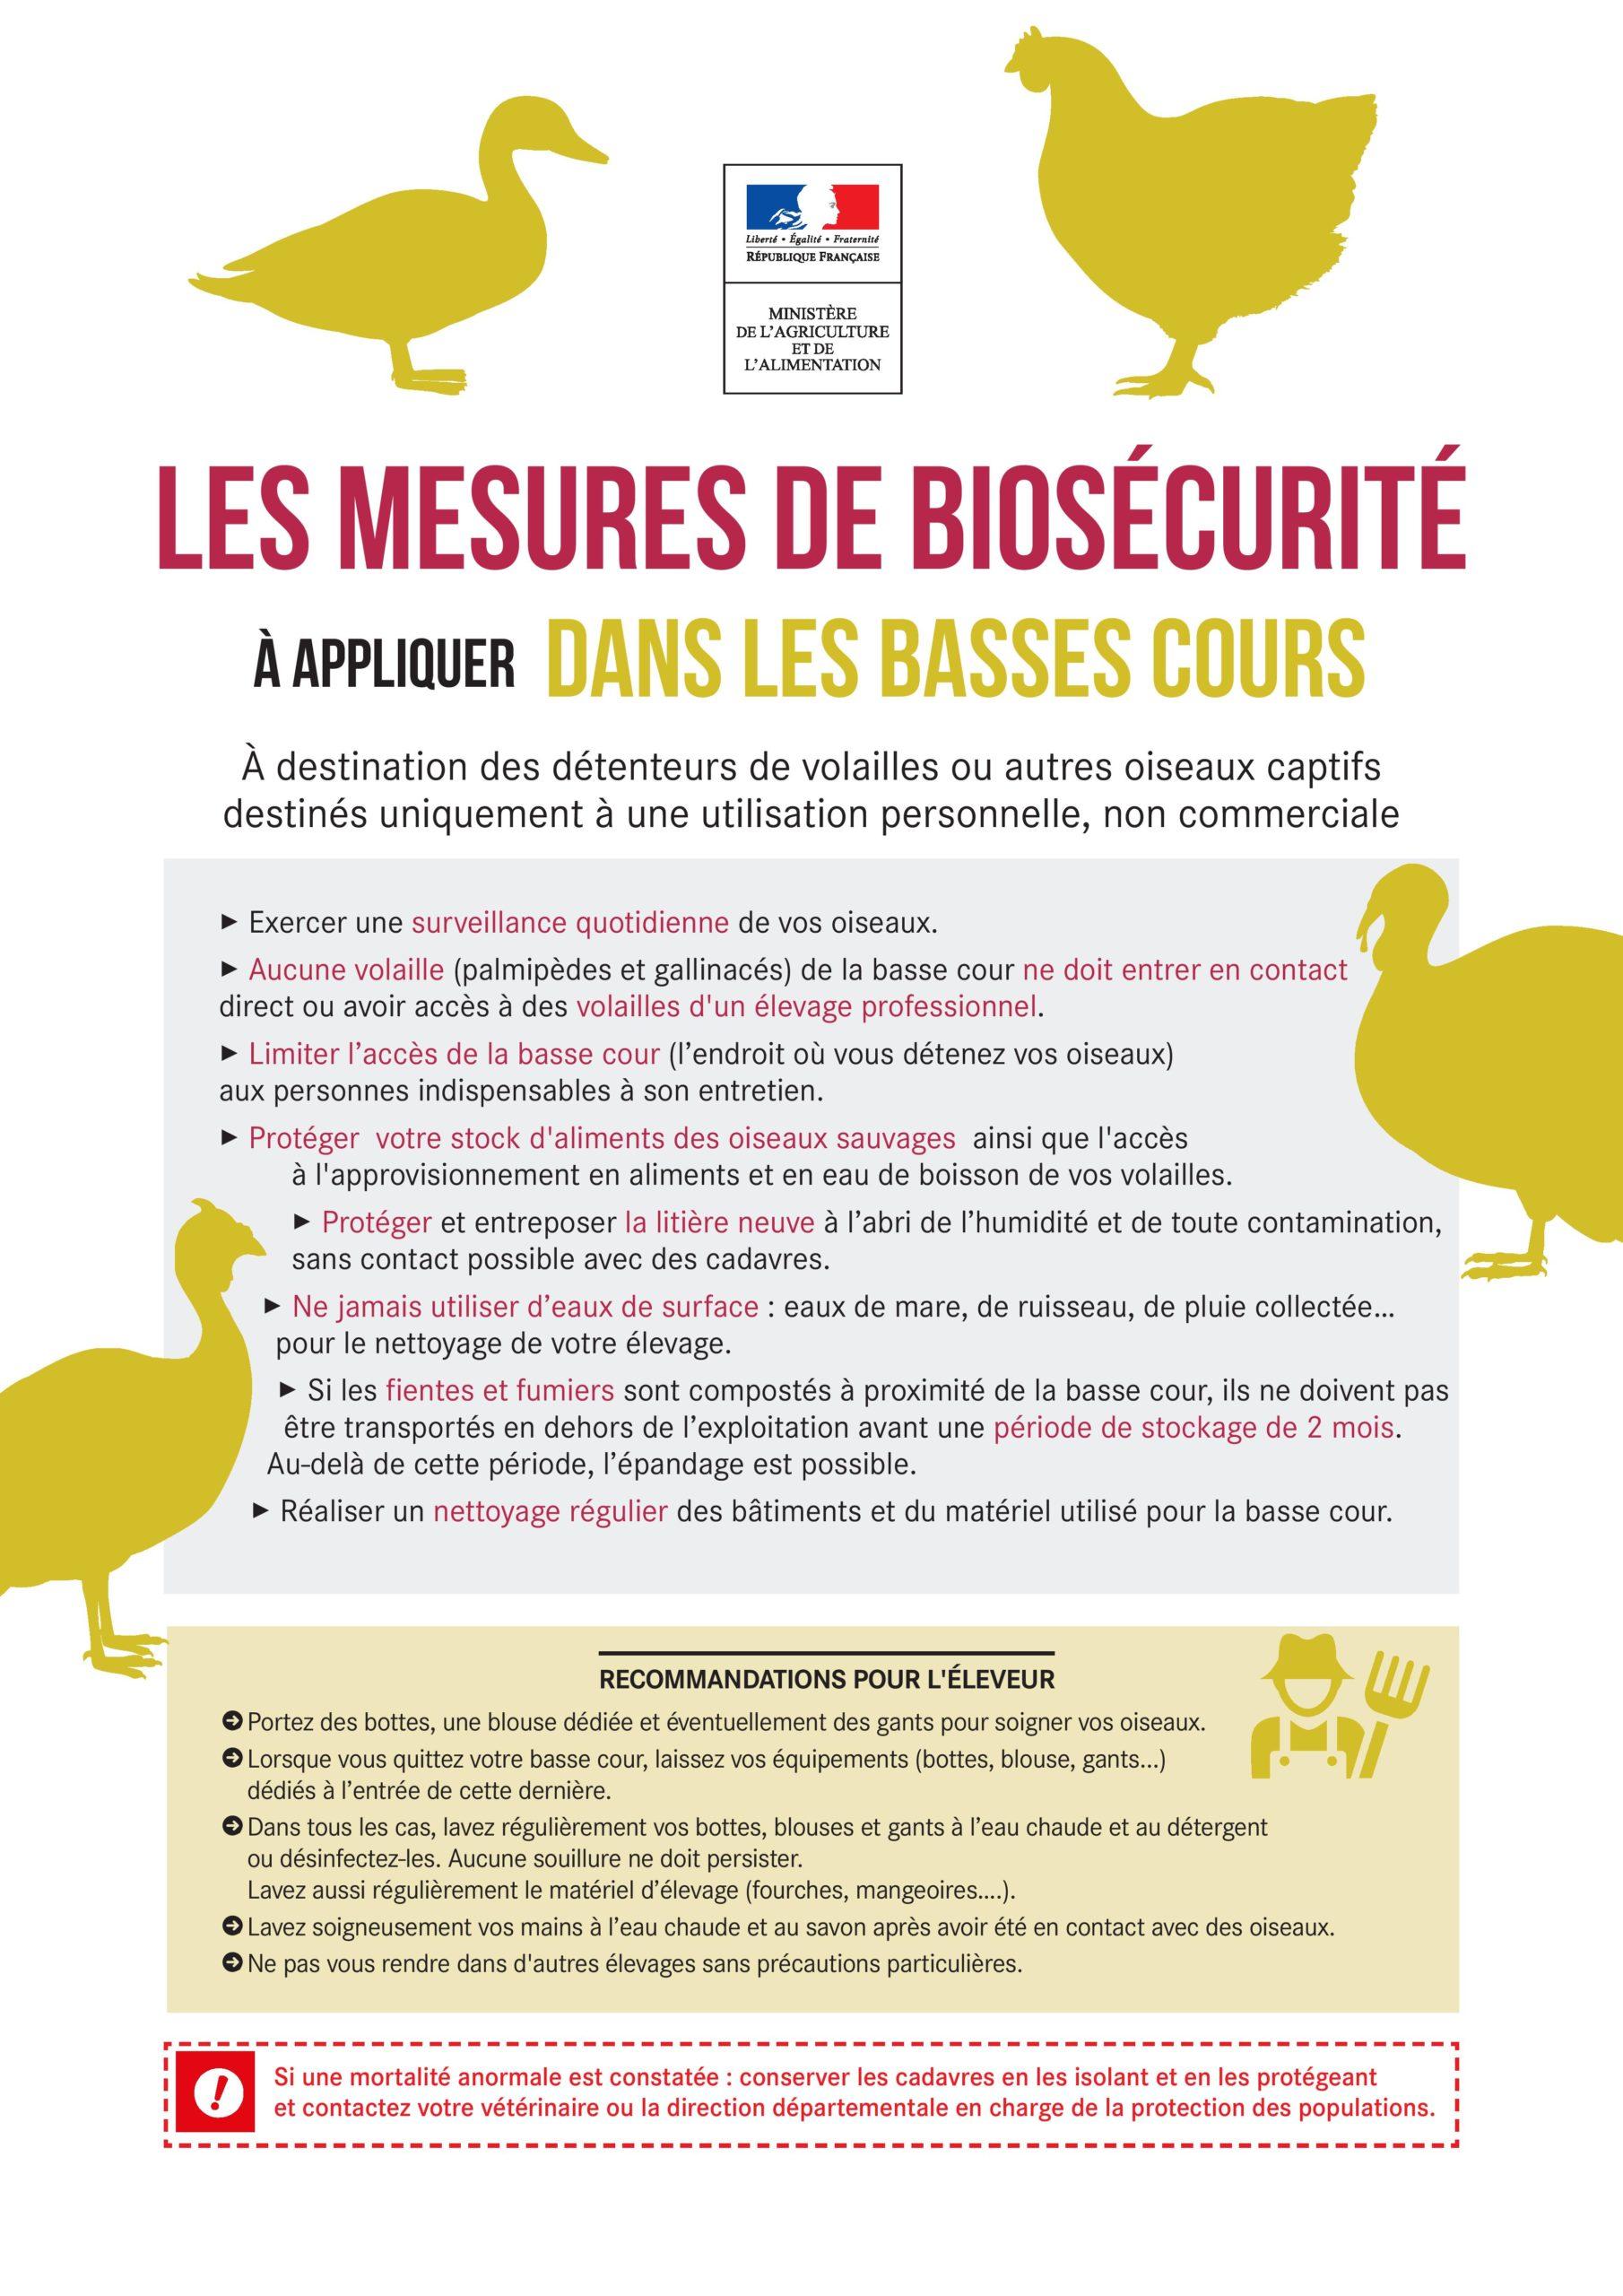 Grippe aviaire: mesures de biosécurité et surveillance accrue